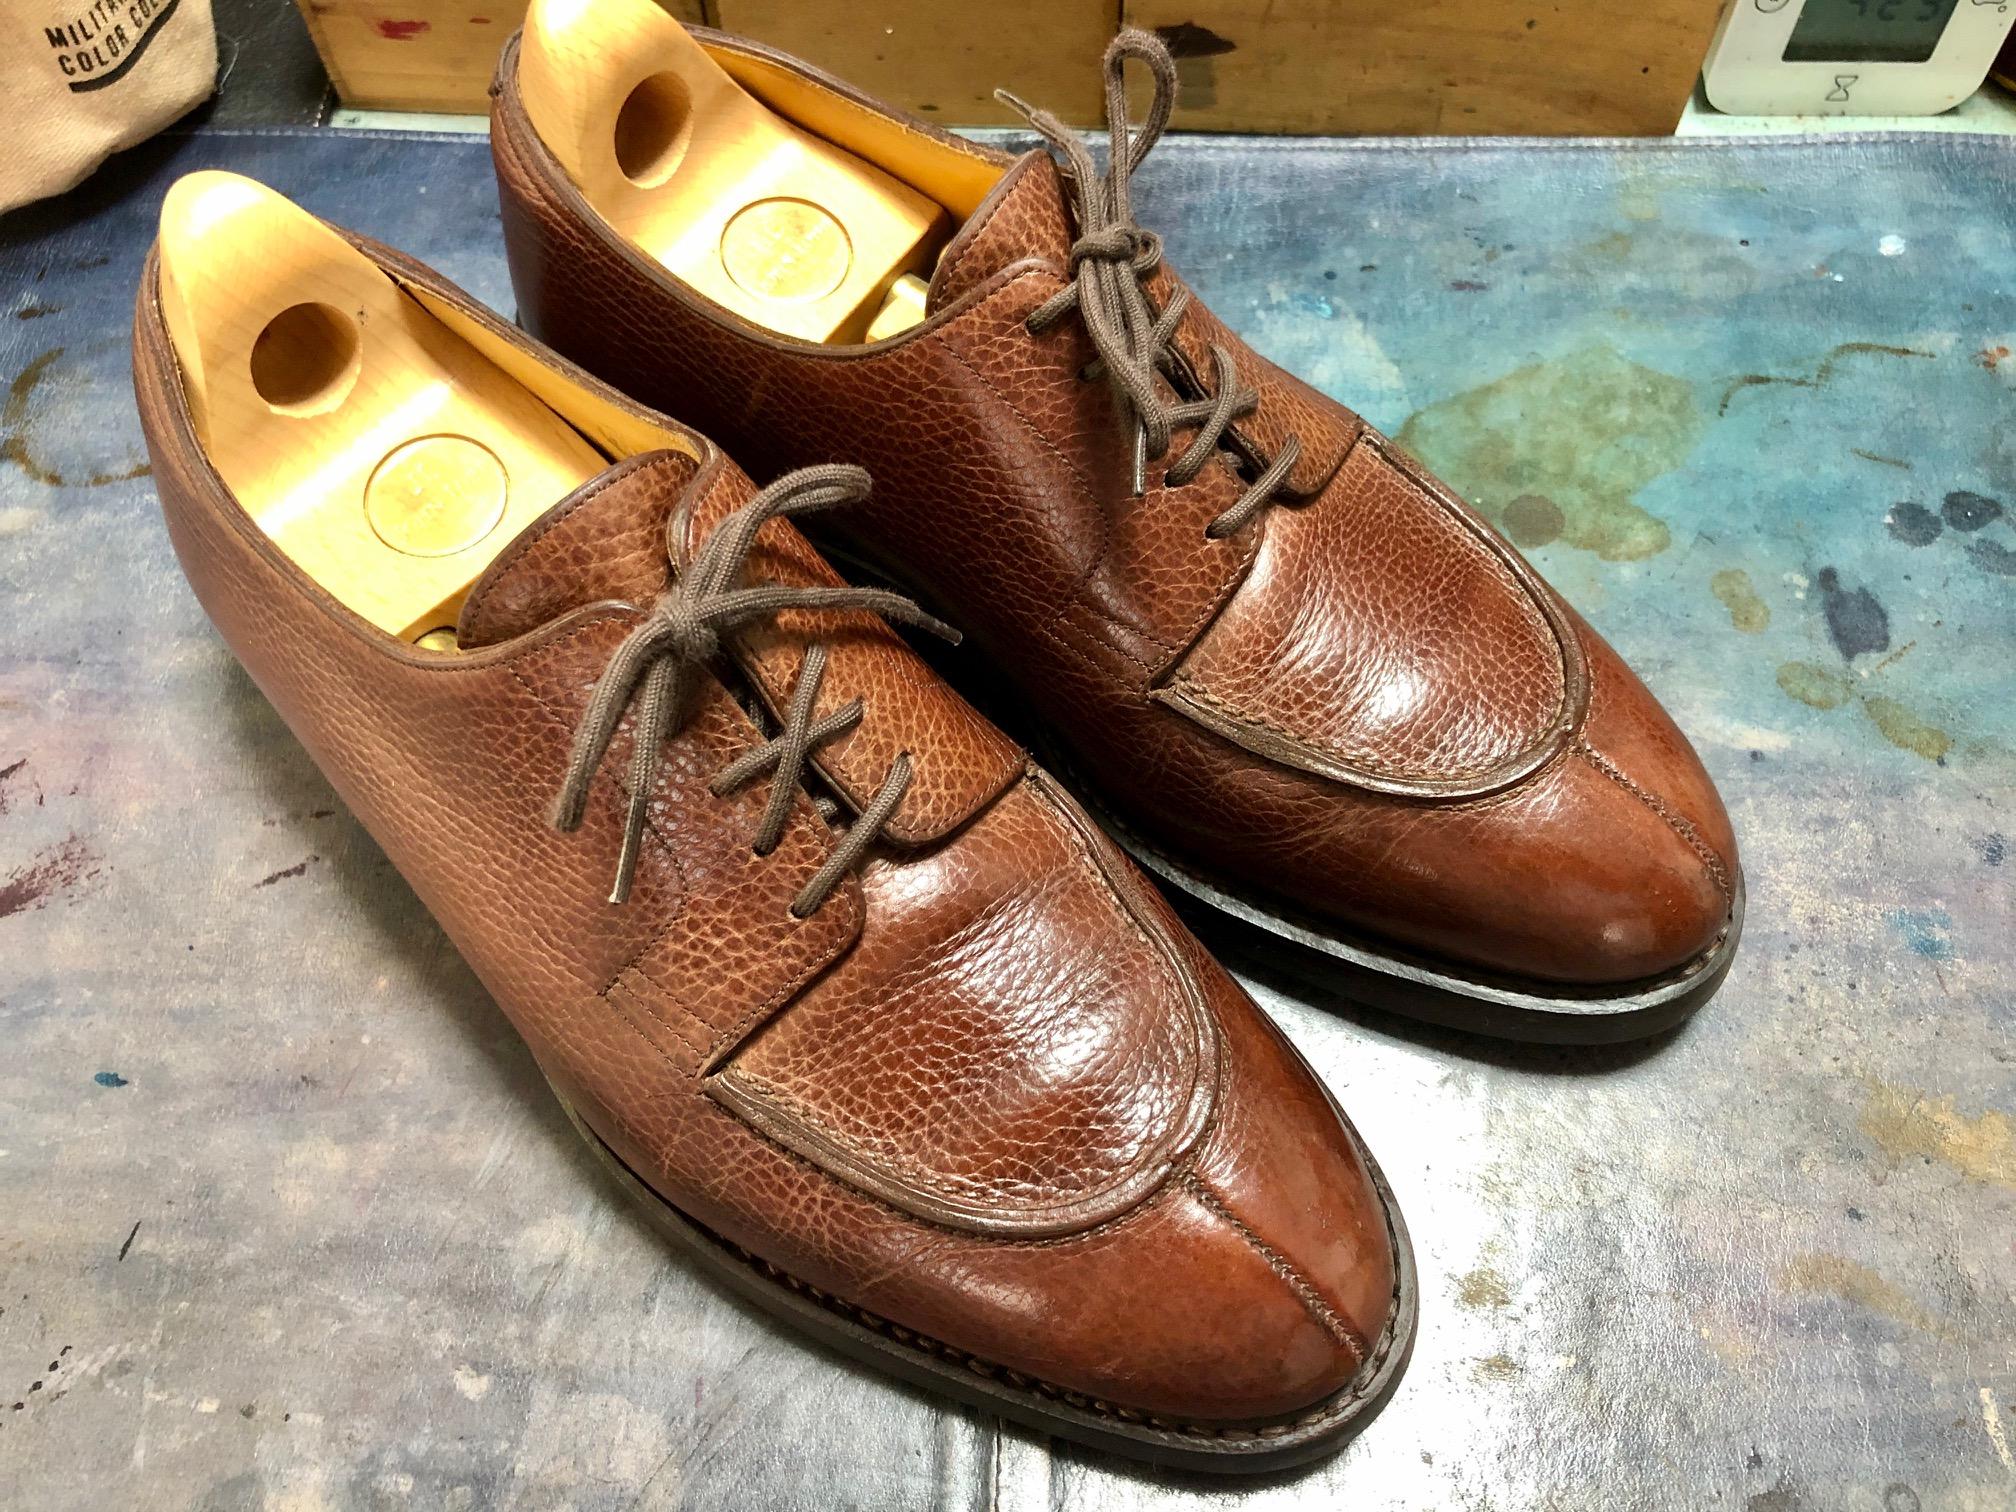 ジョンロブ 靴修理 オールソール